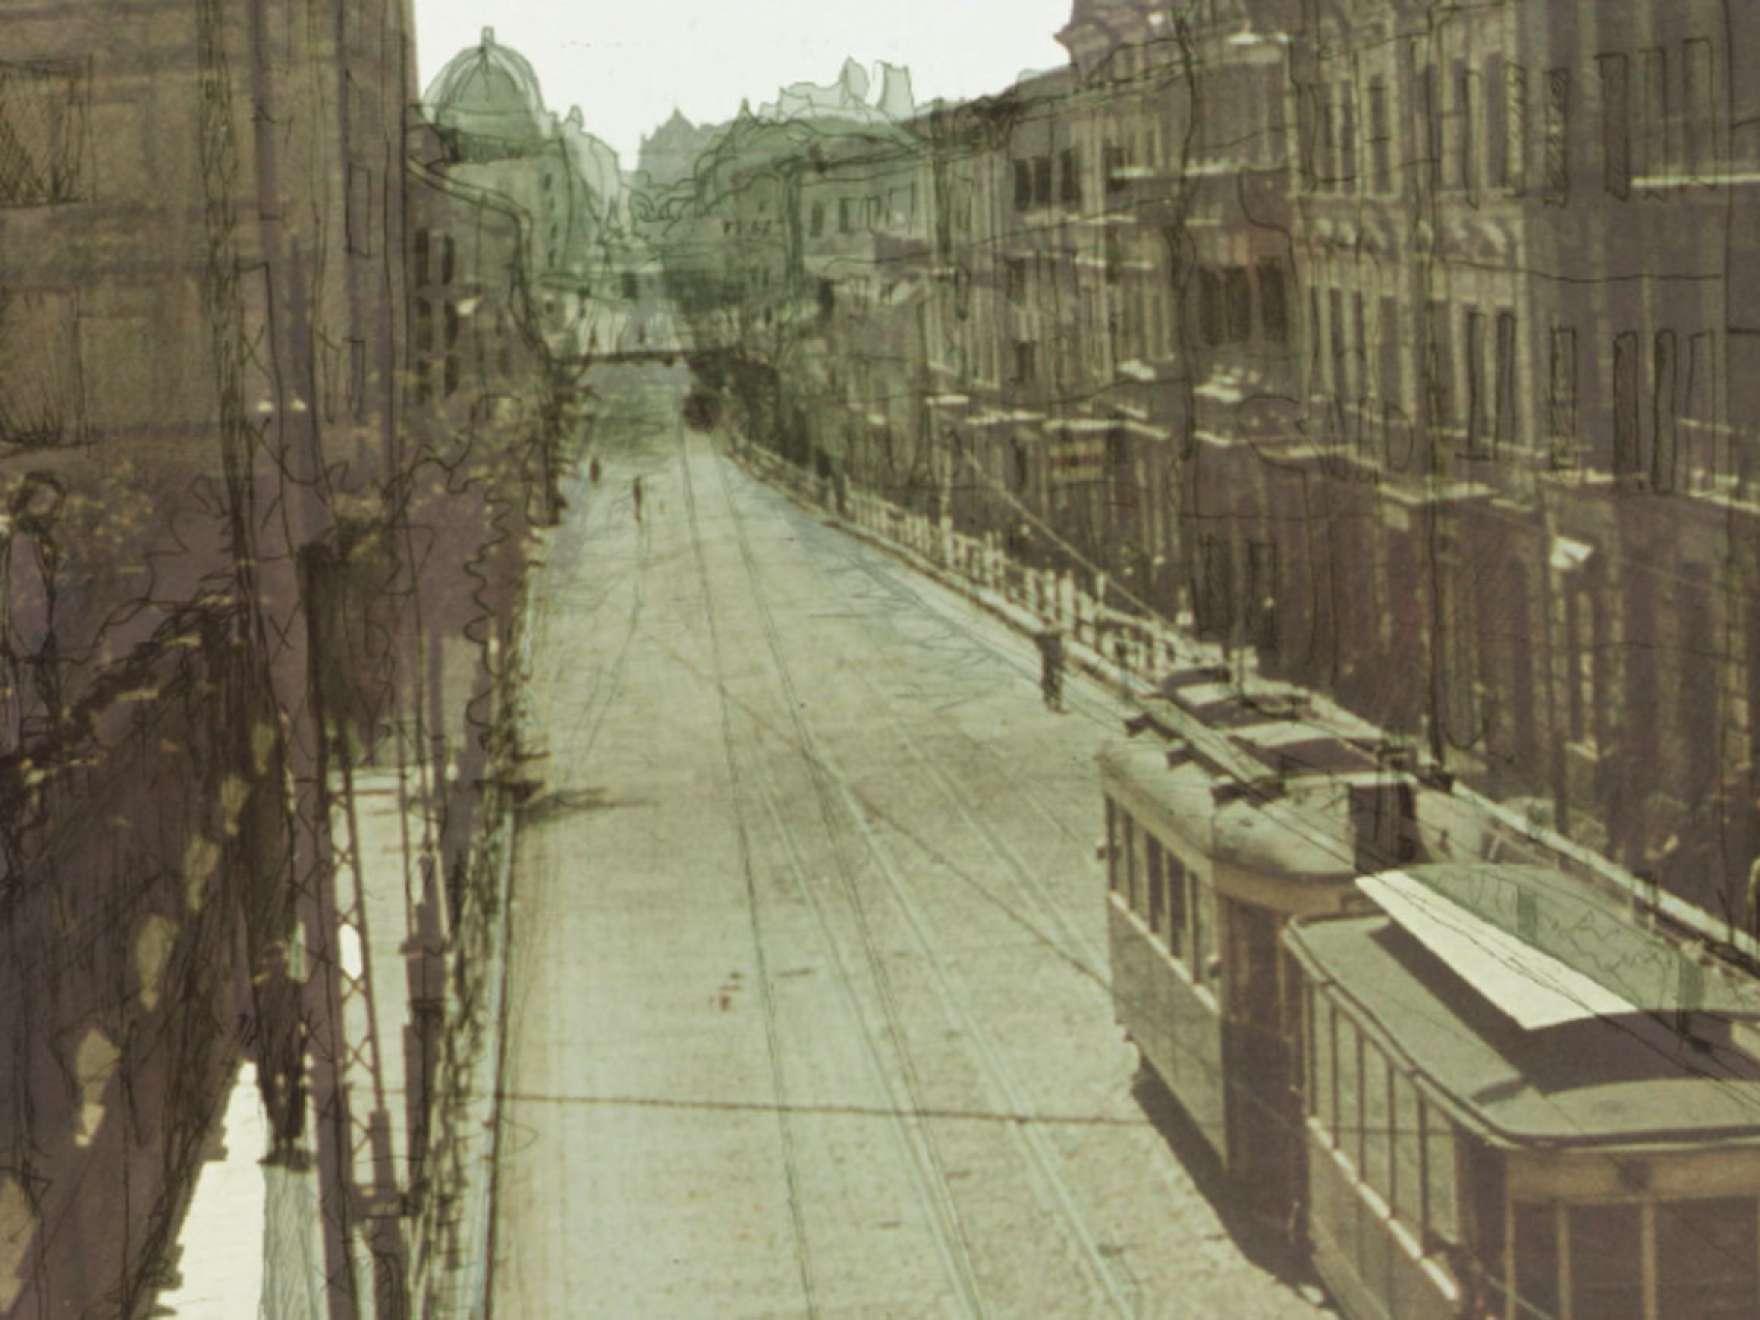 Film still from documentary, Line 41